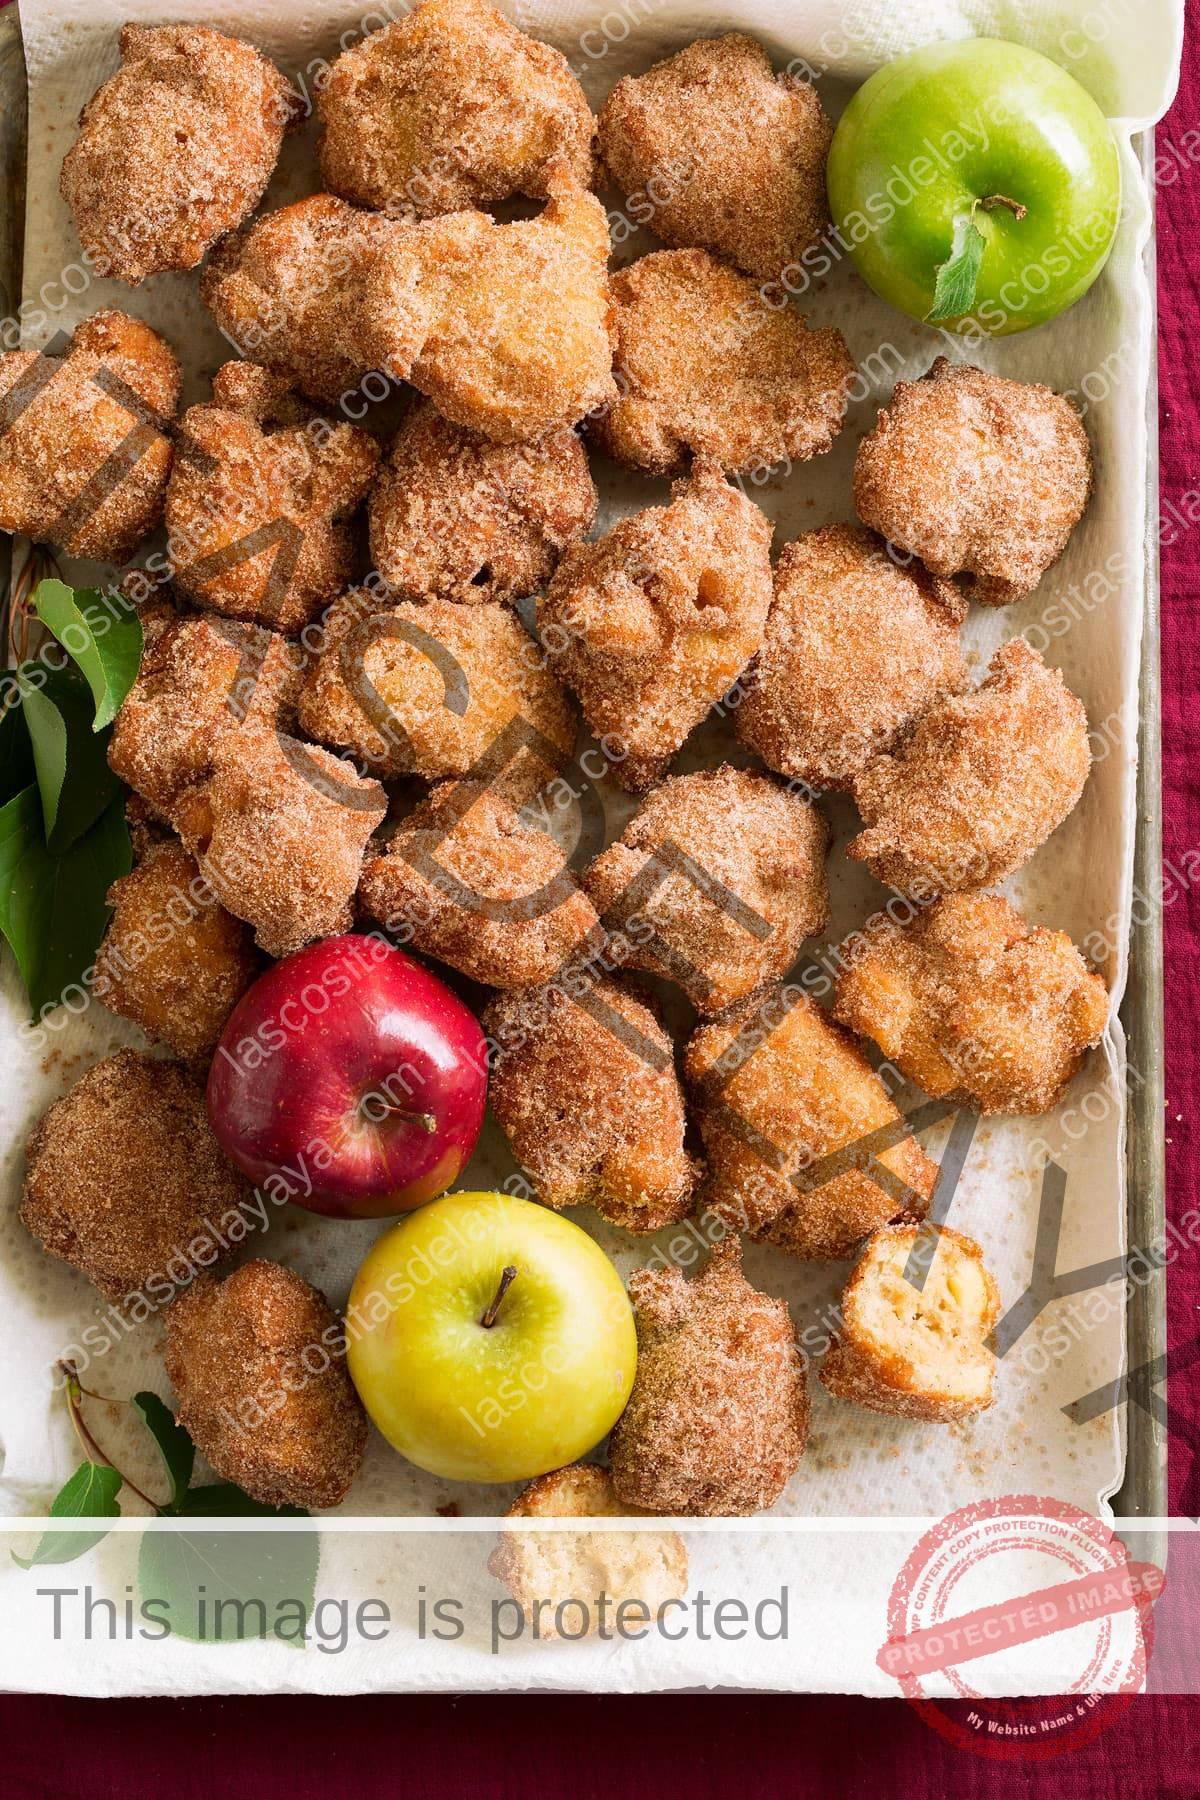 Muffins de manzana en una bandeja para hornear cubierta con una toalla de papel.